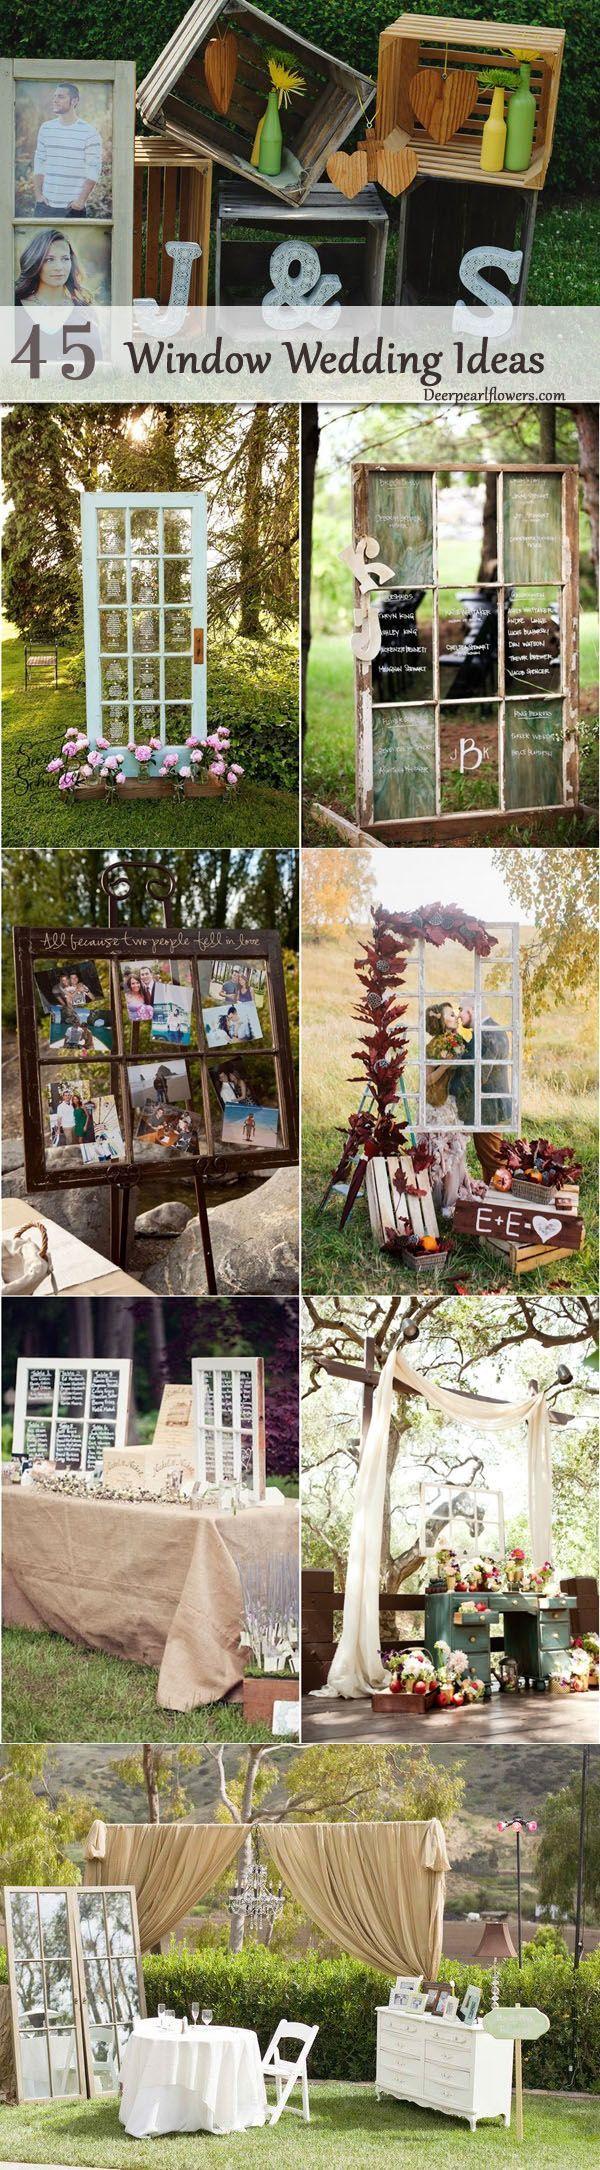 rustic window wedding decor ideas / http://www.deerpearlflowers.com/diy-window-wedding-ideas/